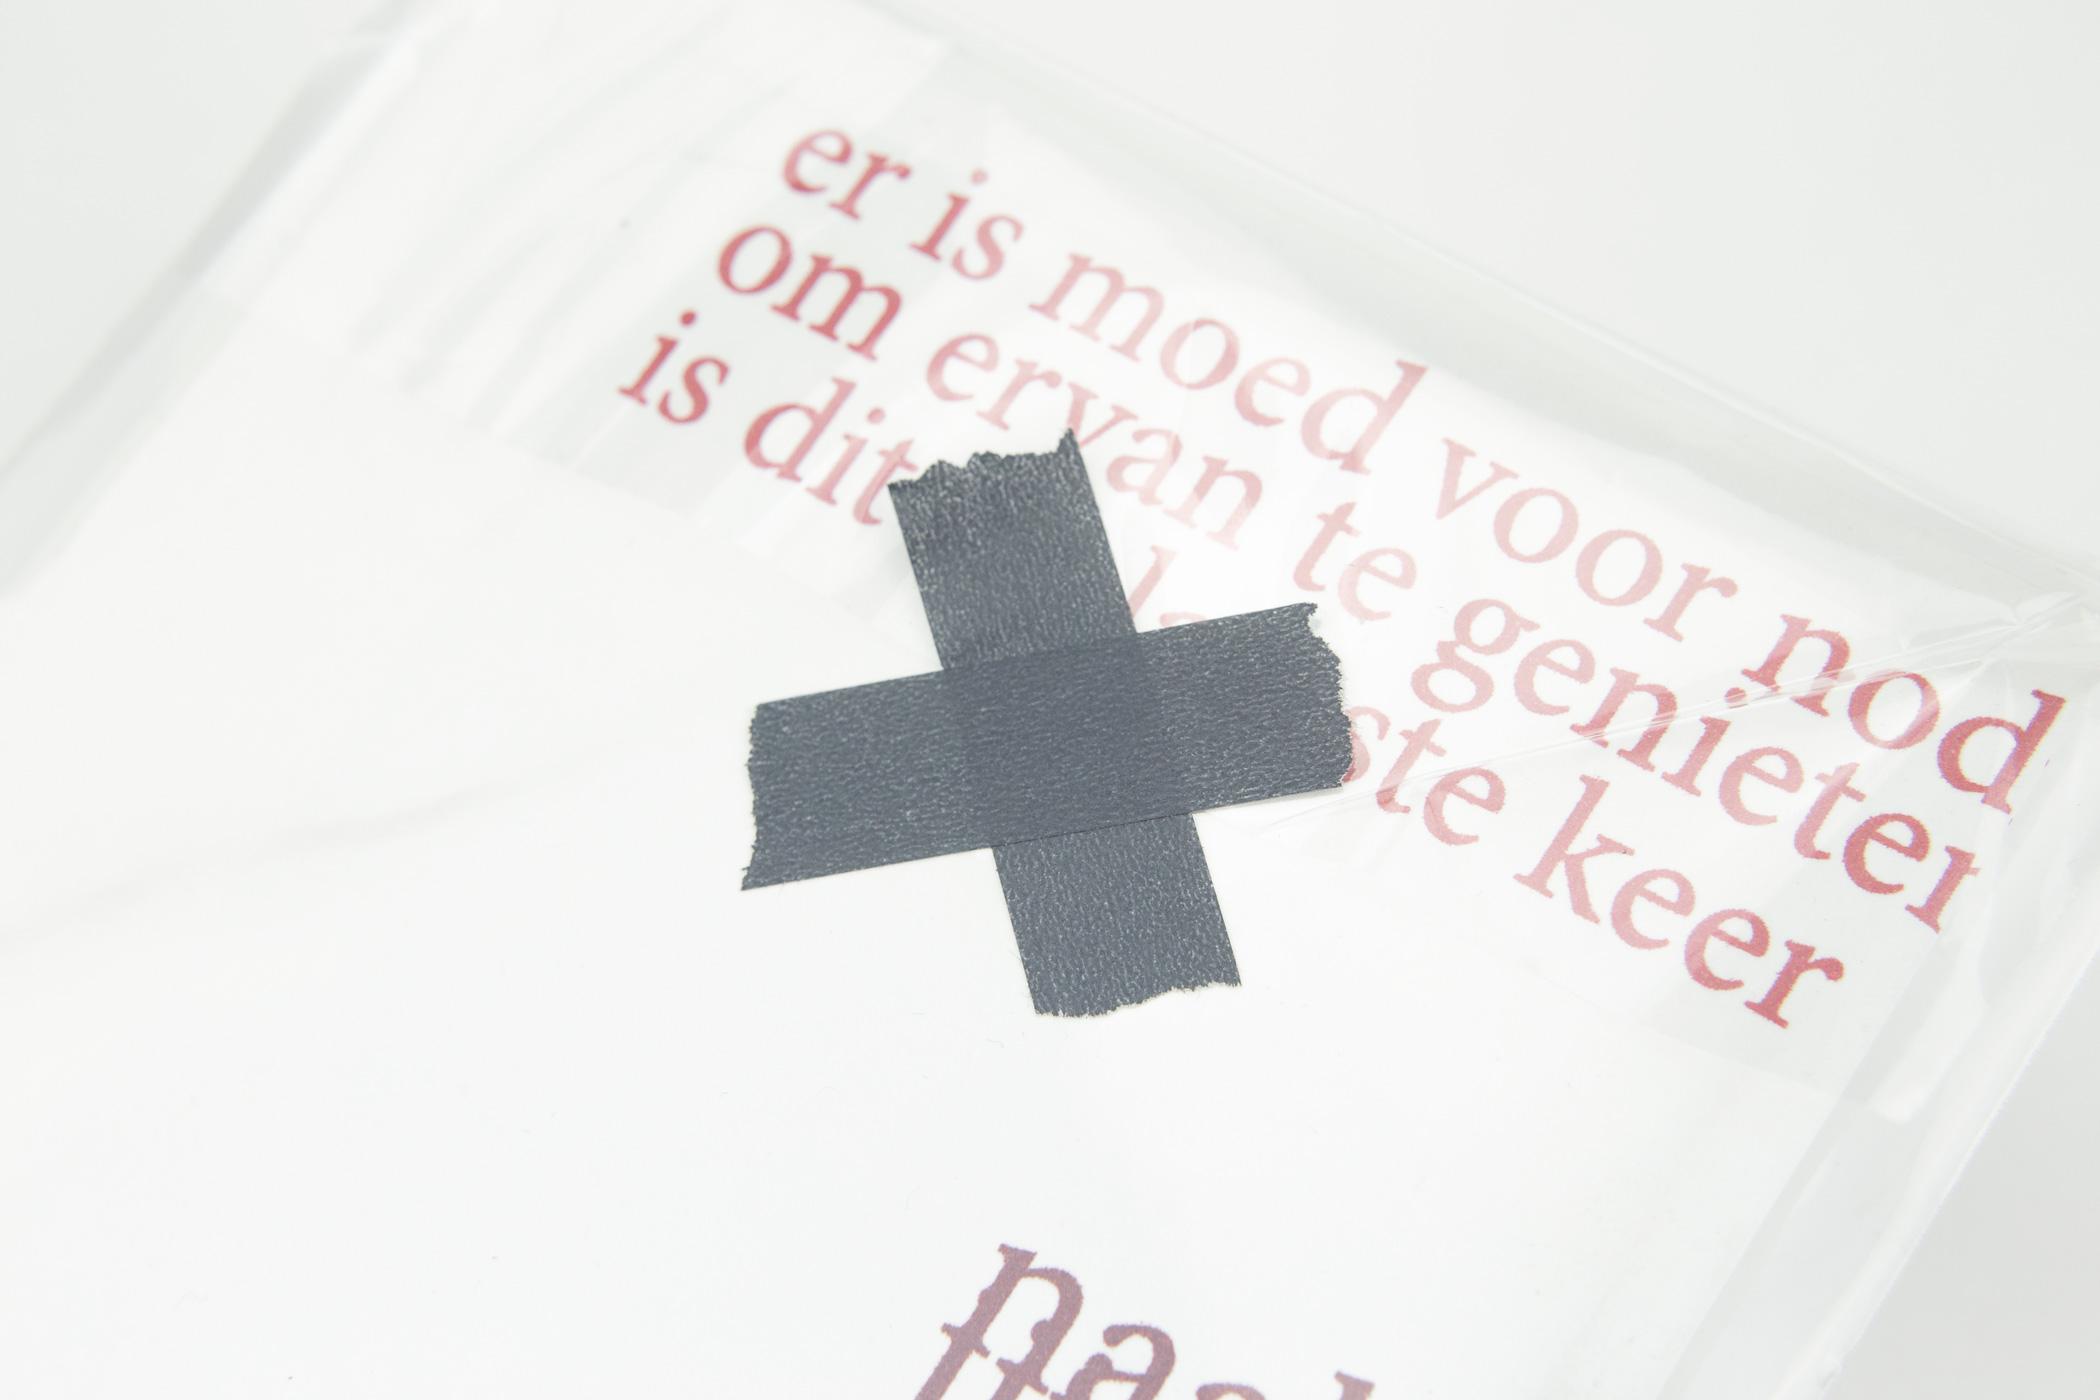 Marijn Bax en Richtje Reinsma kwamen naar de Monsterkamer om papier uit te zoeken voor het aanrakingsabonnement OP DE TAST.